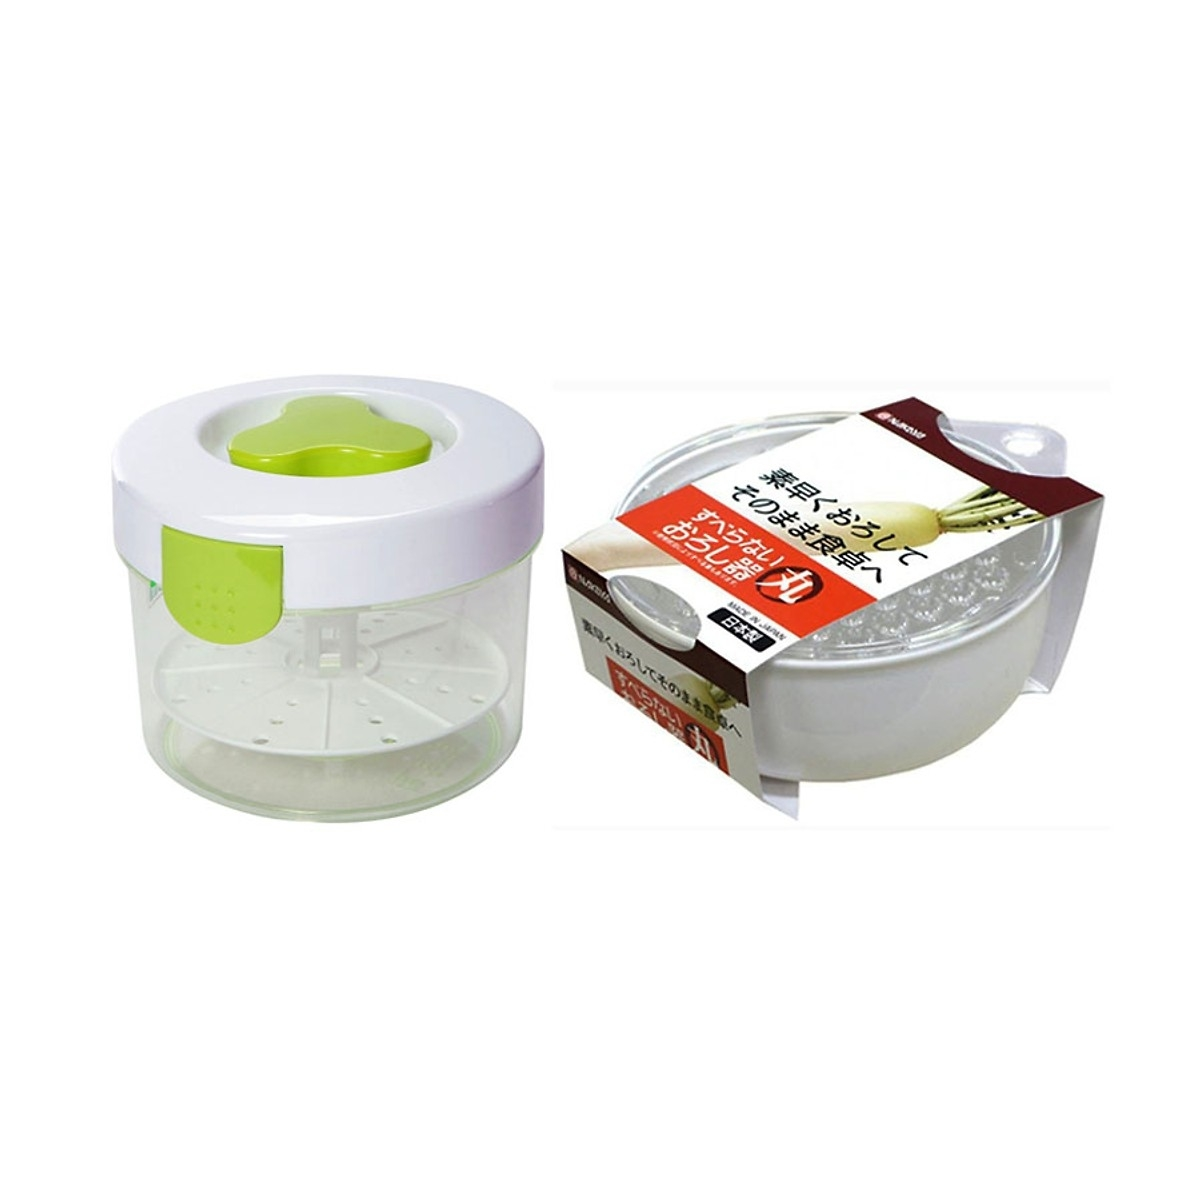 Combo Hộp muối dưa cà 3L loại tròn + Bàn nạo rau, củ quả kèm bát đựng - Nội địa Nhật Bản